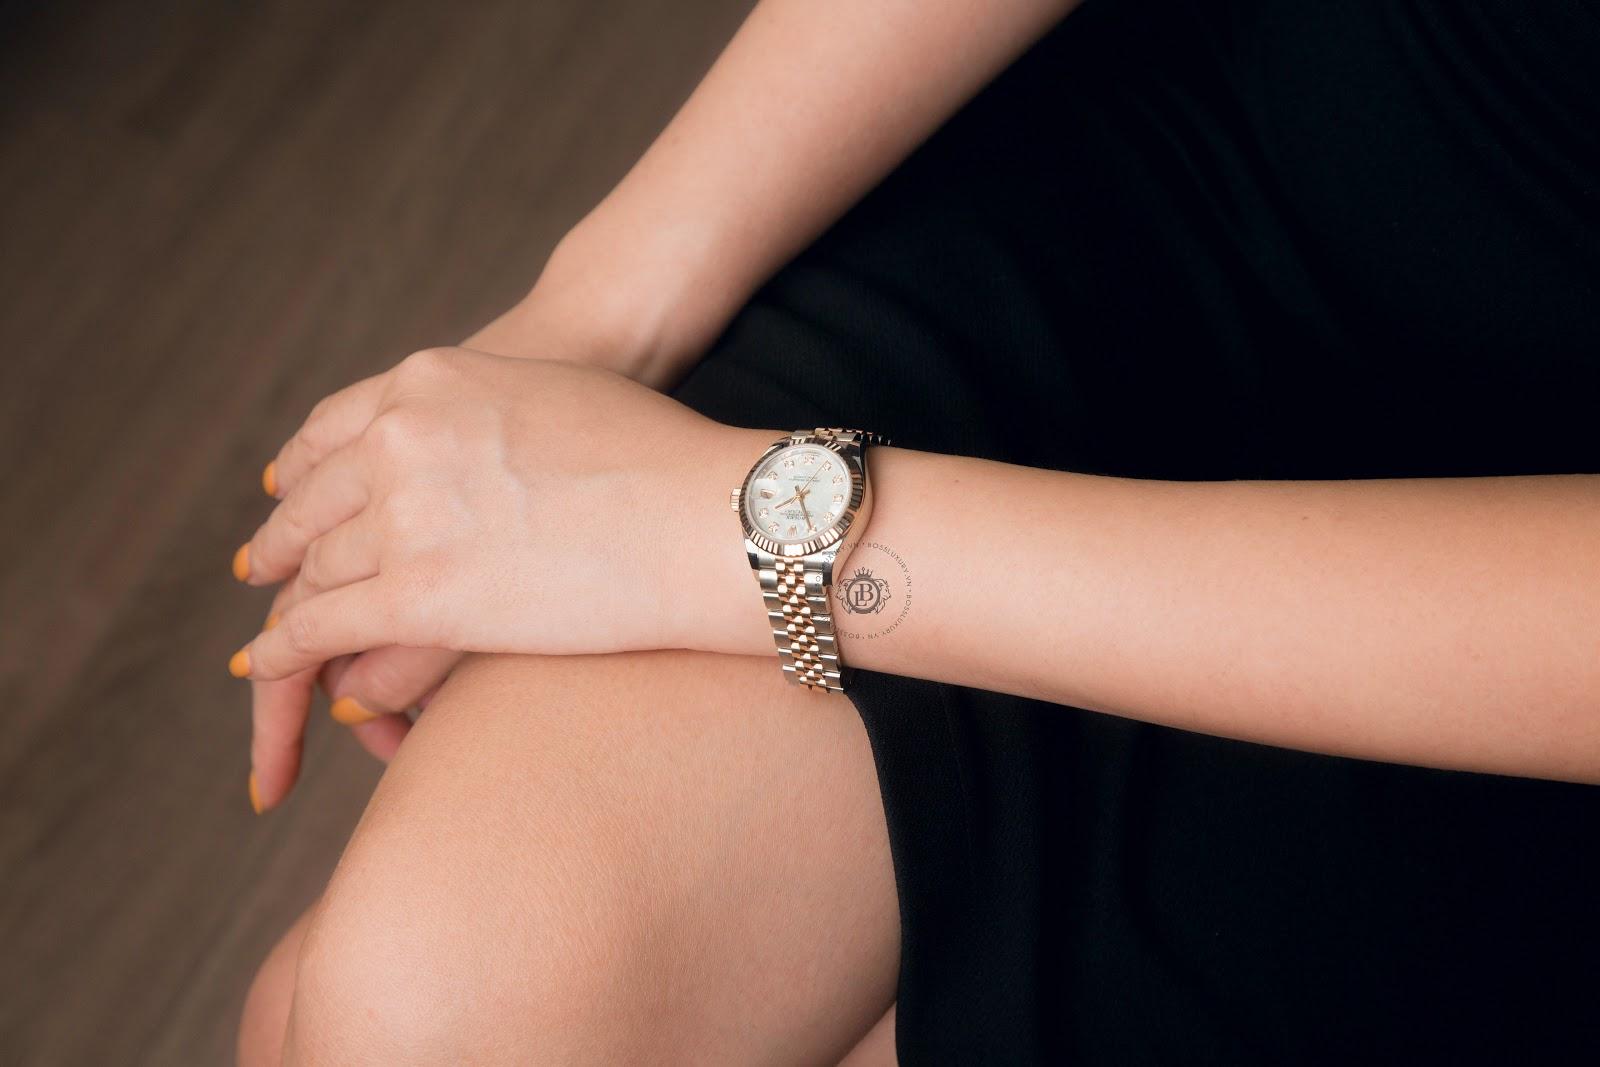 Cùng Boss Luxury cập nhật 5 xu hướng đồng hồ sang trọng không thể bỏ qua năm 2021 - Ảnh 4